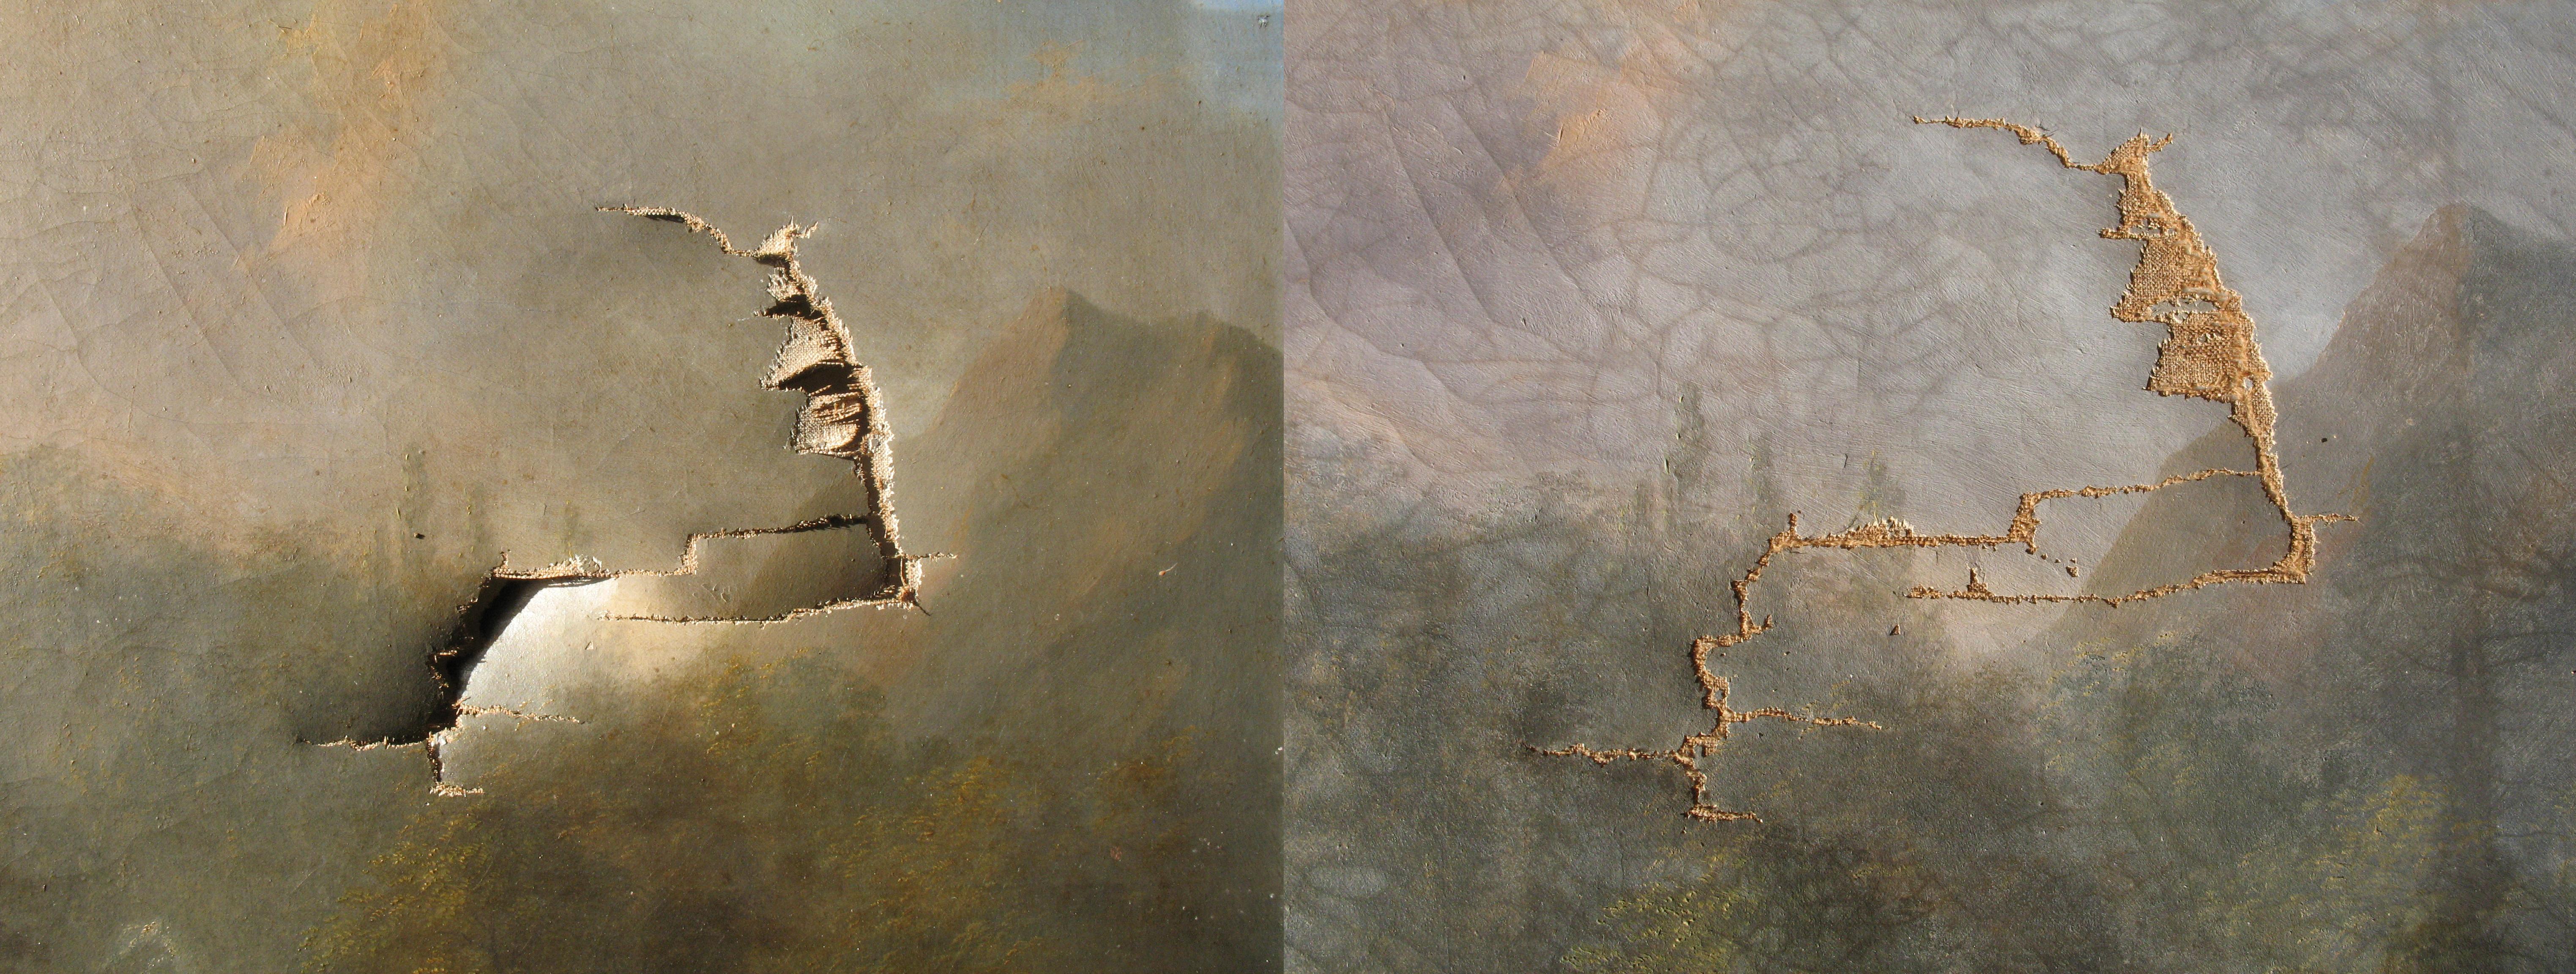 Remise à plat et collage